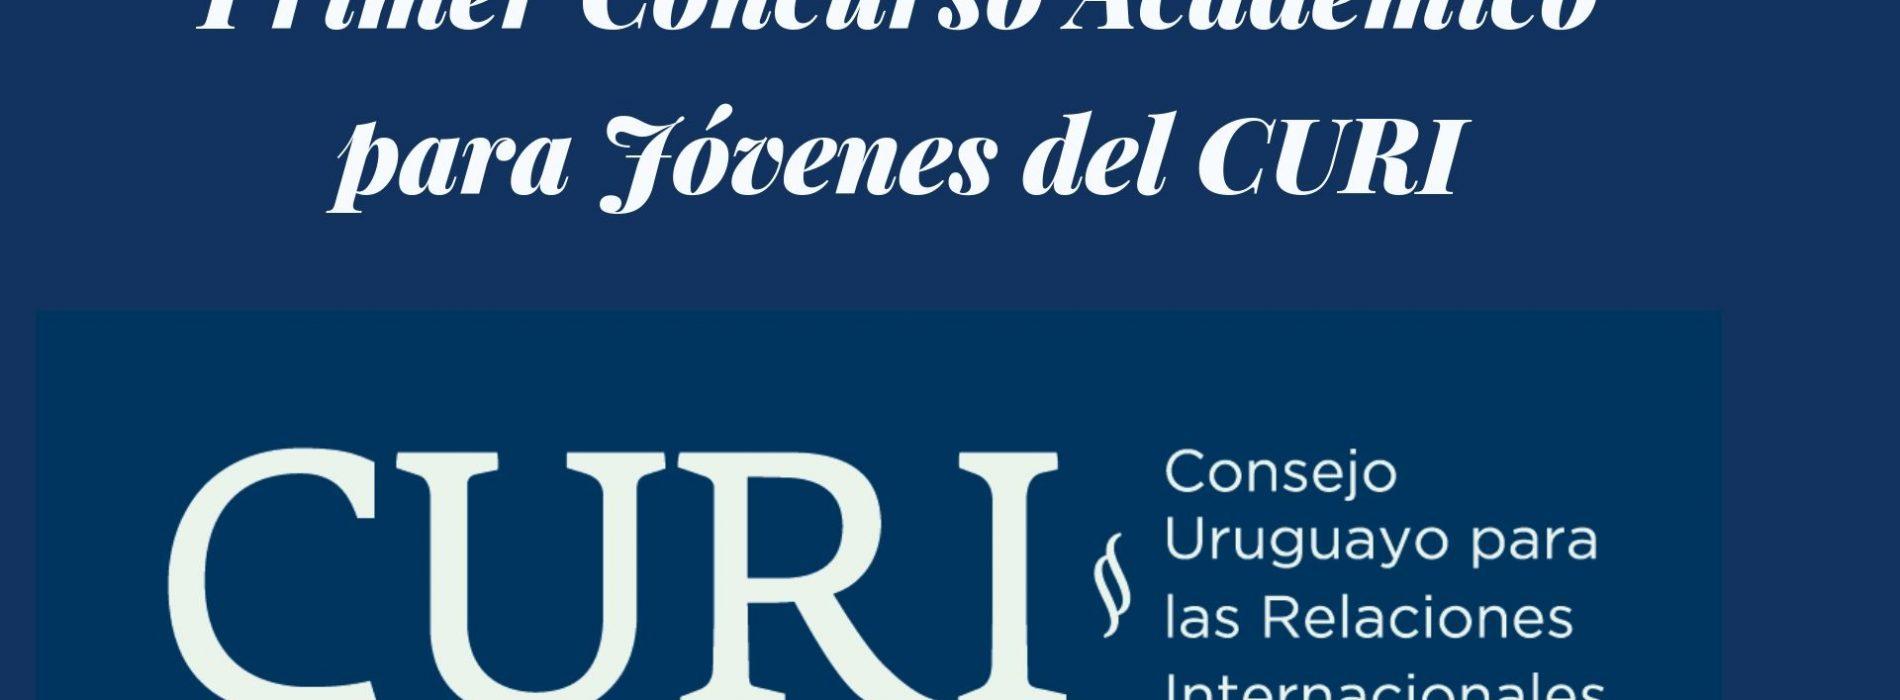 Primer Concurso Académico para Jóvenes del CURI